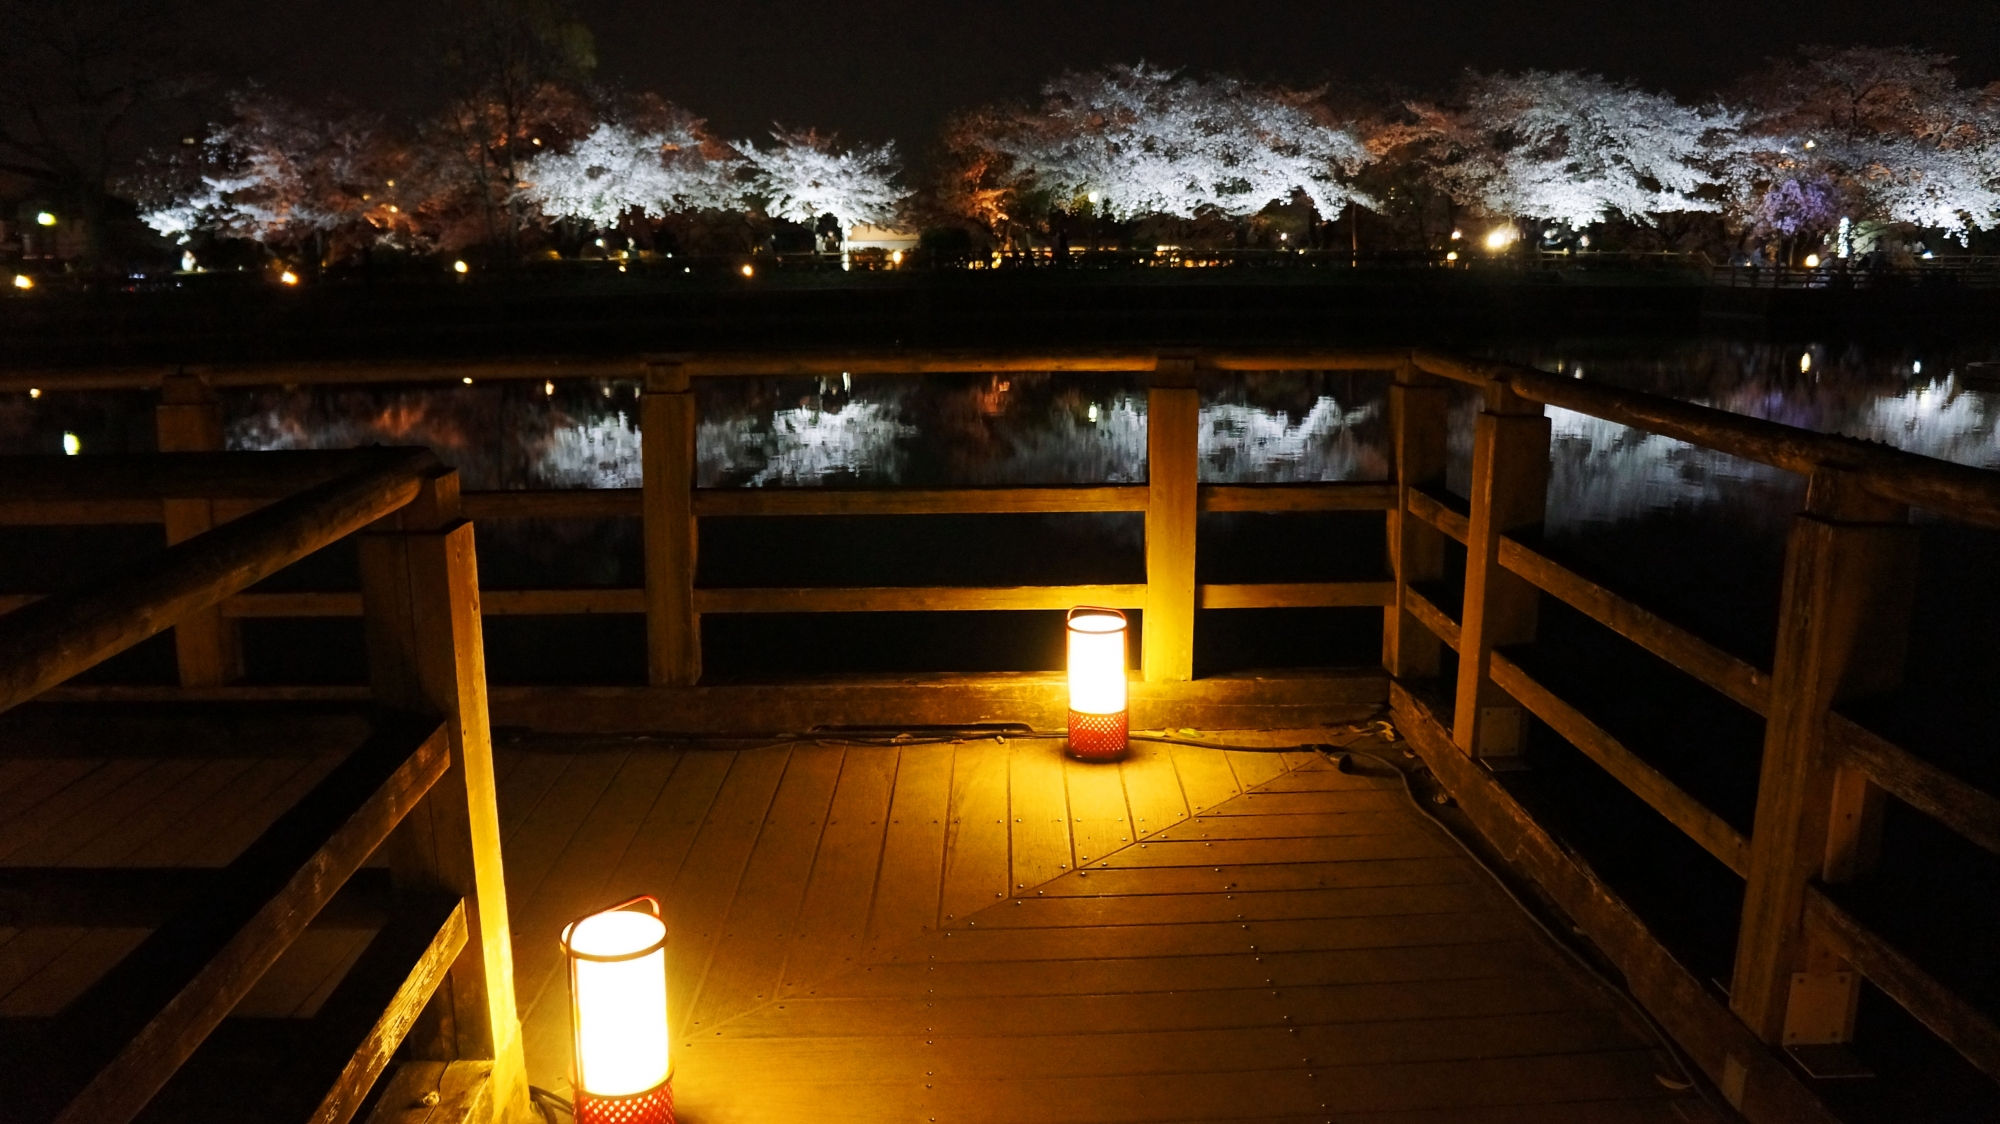 夜桜が楽しめるライトアップされた木の橋の通路